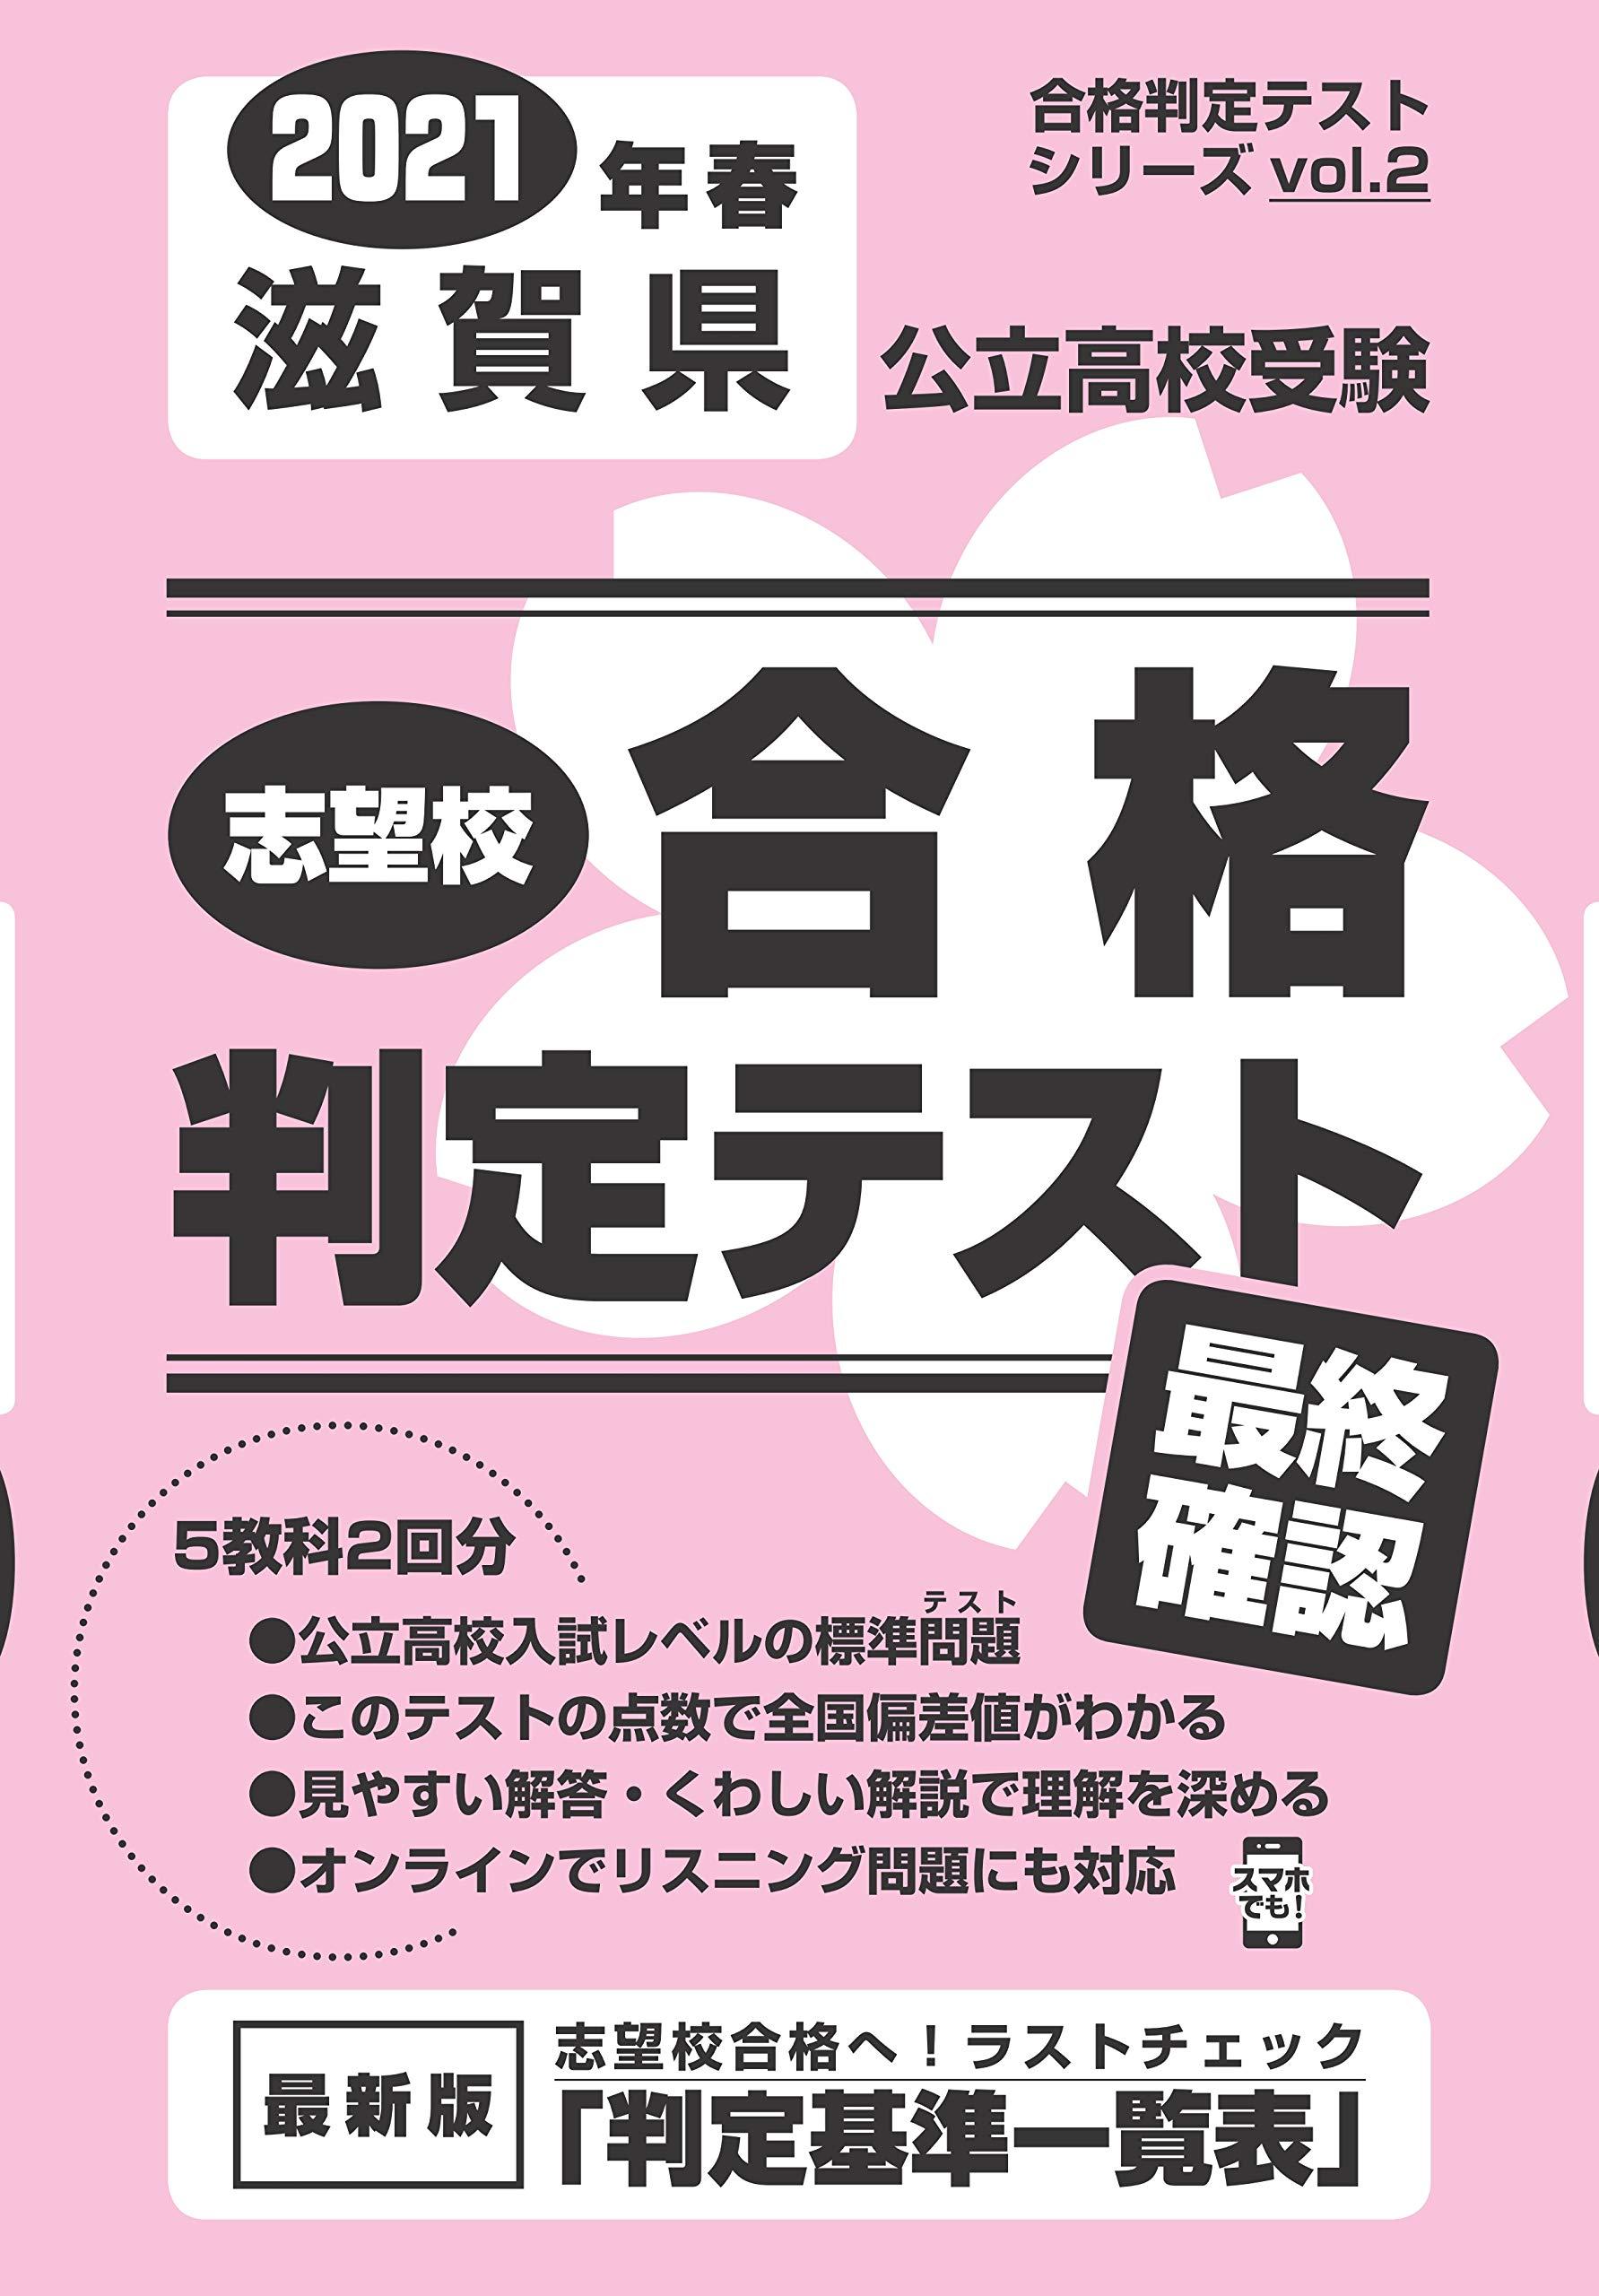 入試 高校 滋賀 2021 確定 倍率 県